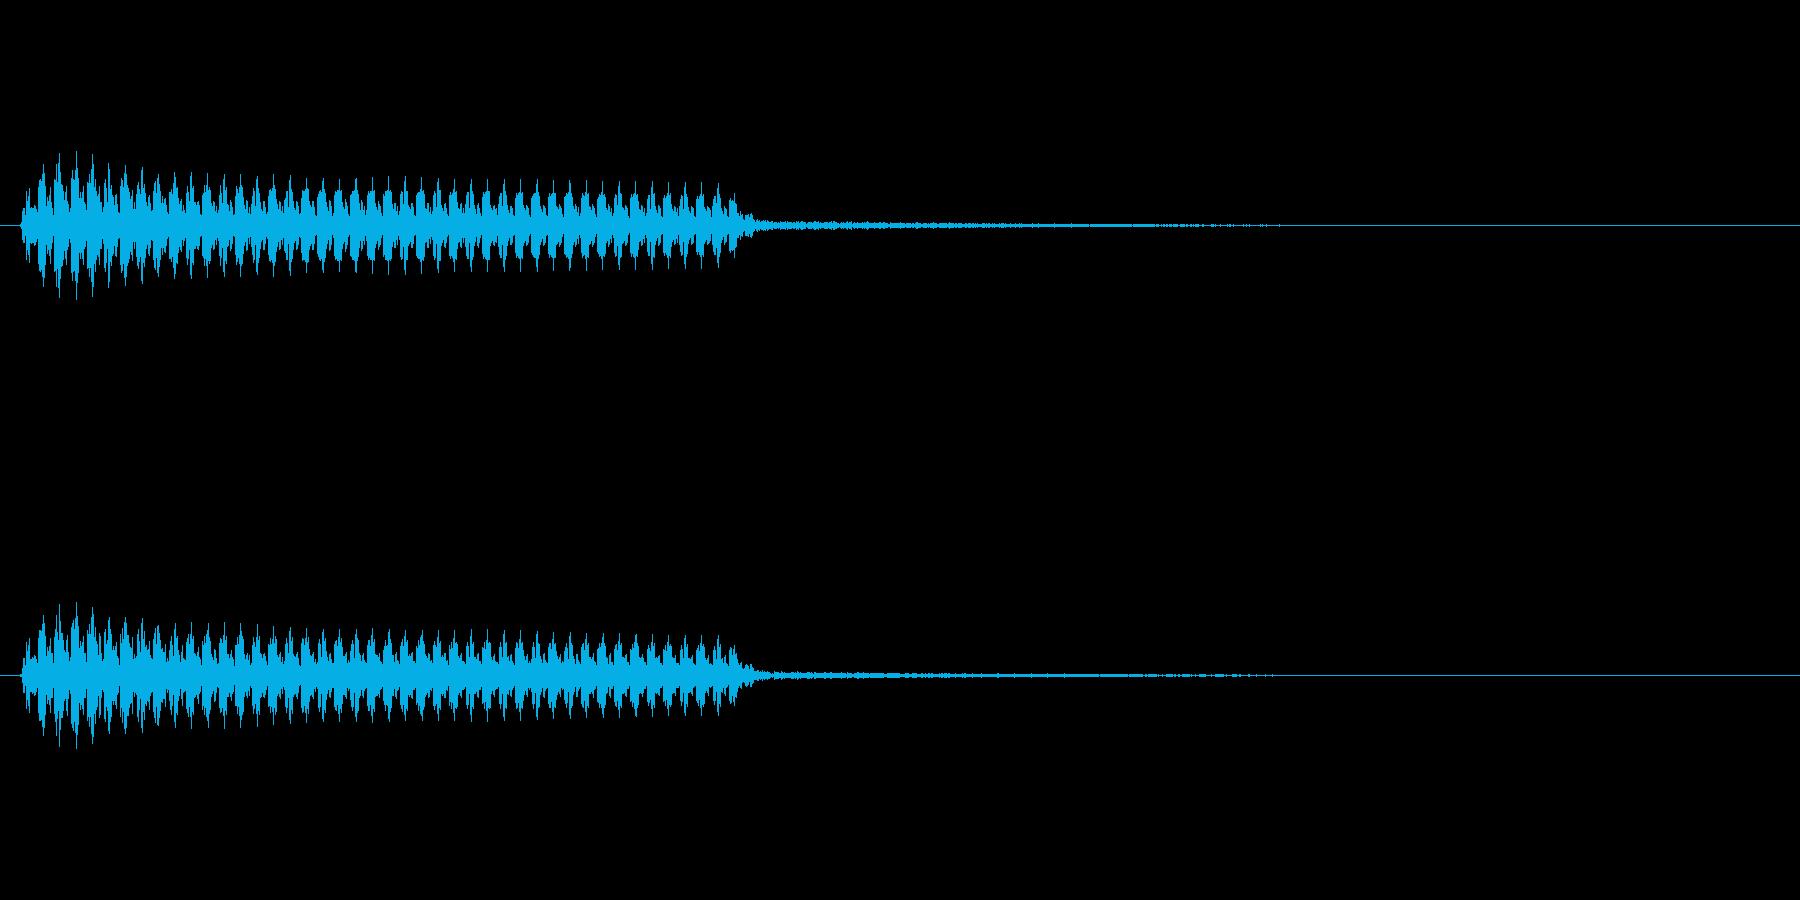 「ブー」(不正解の音)(悪役の音)の再生済みの波形